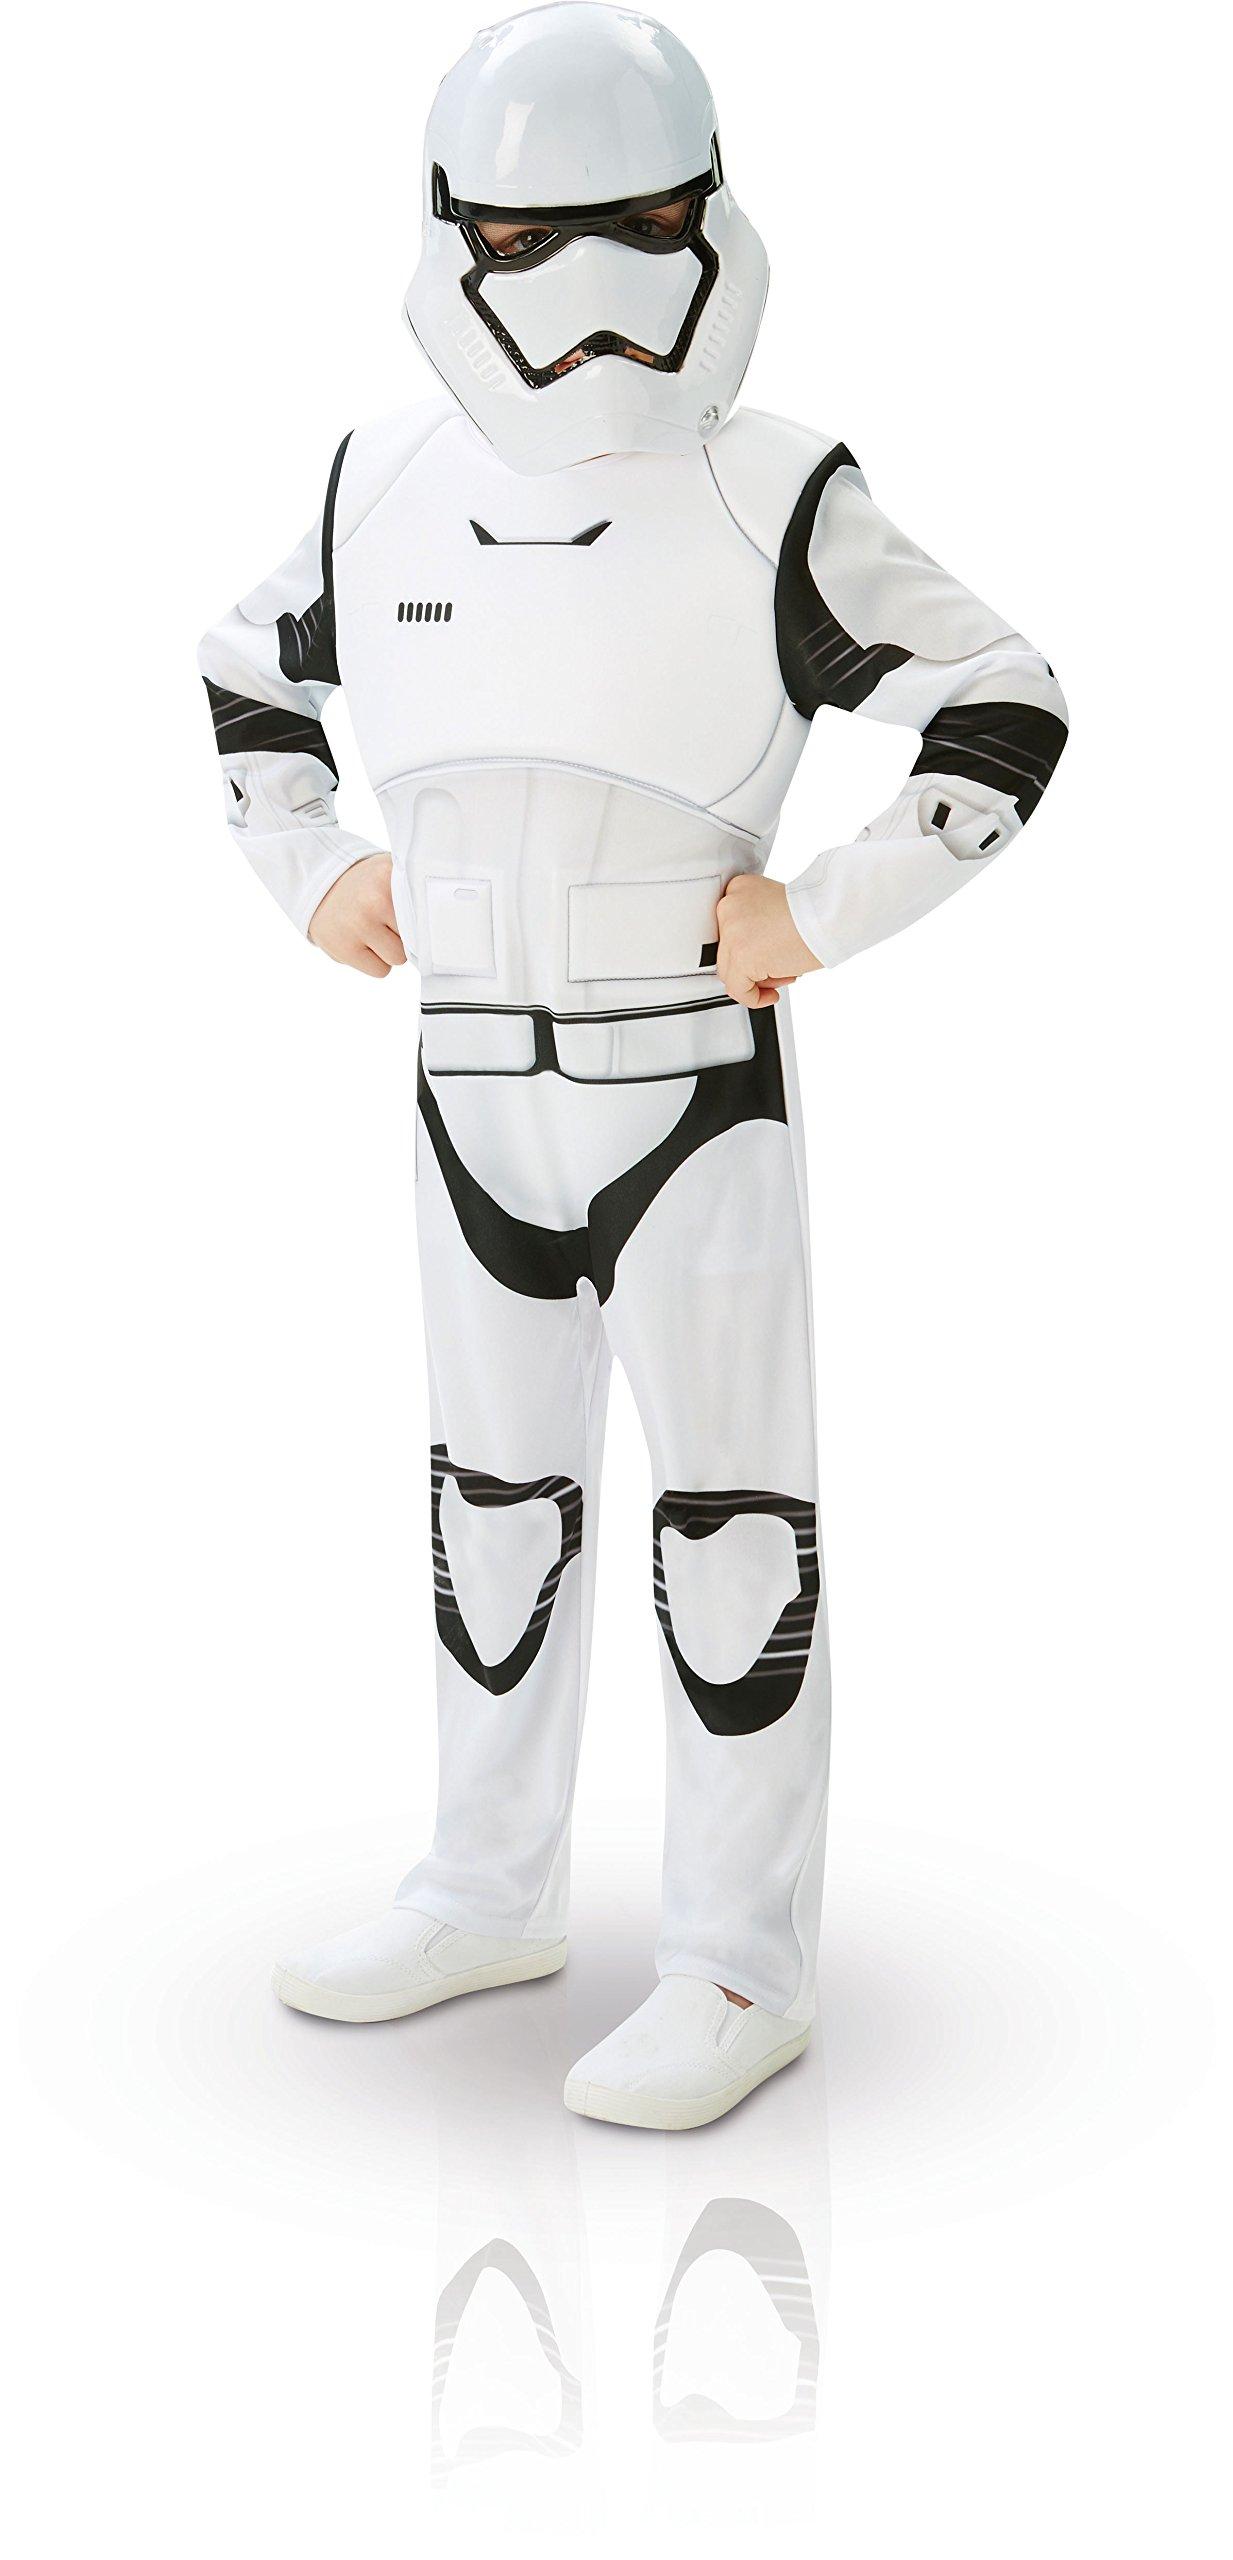 Star Wars, Disfraz de Villain Trooper, Episode 7, Deluxe para niños (Rubie's 62026), M (5/6 años) product image